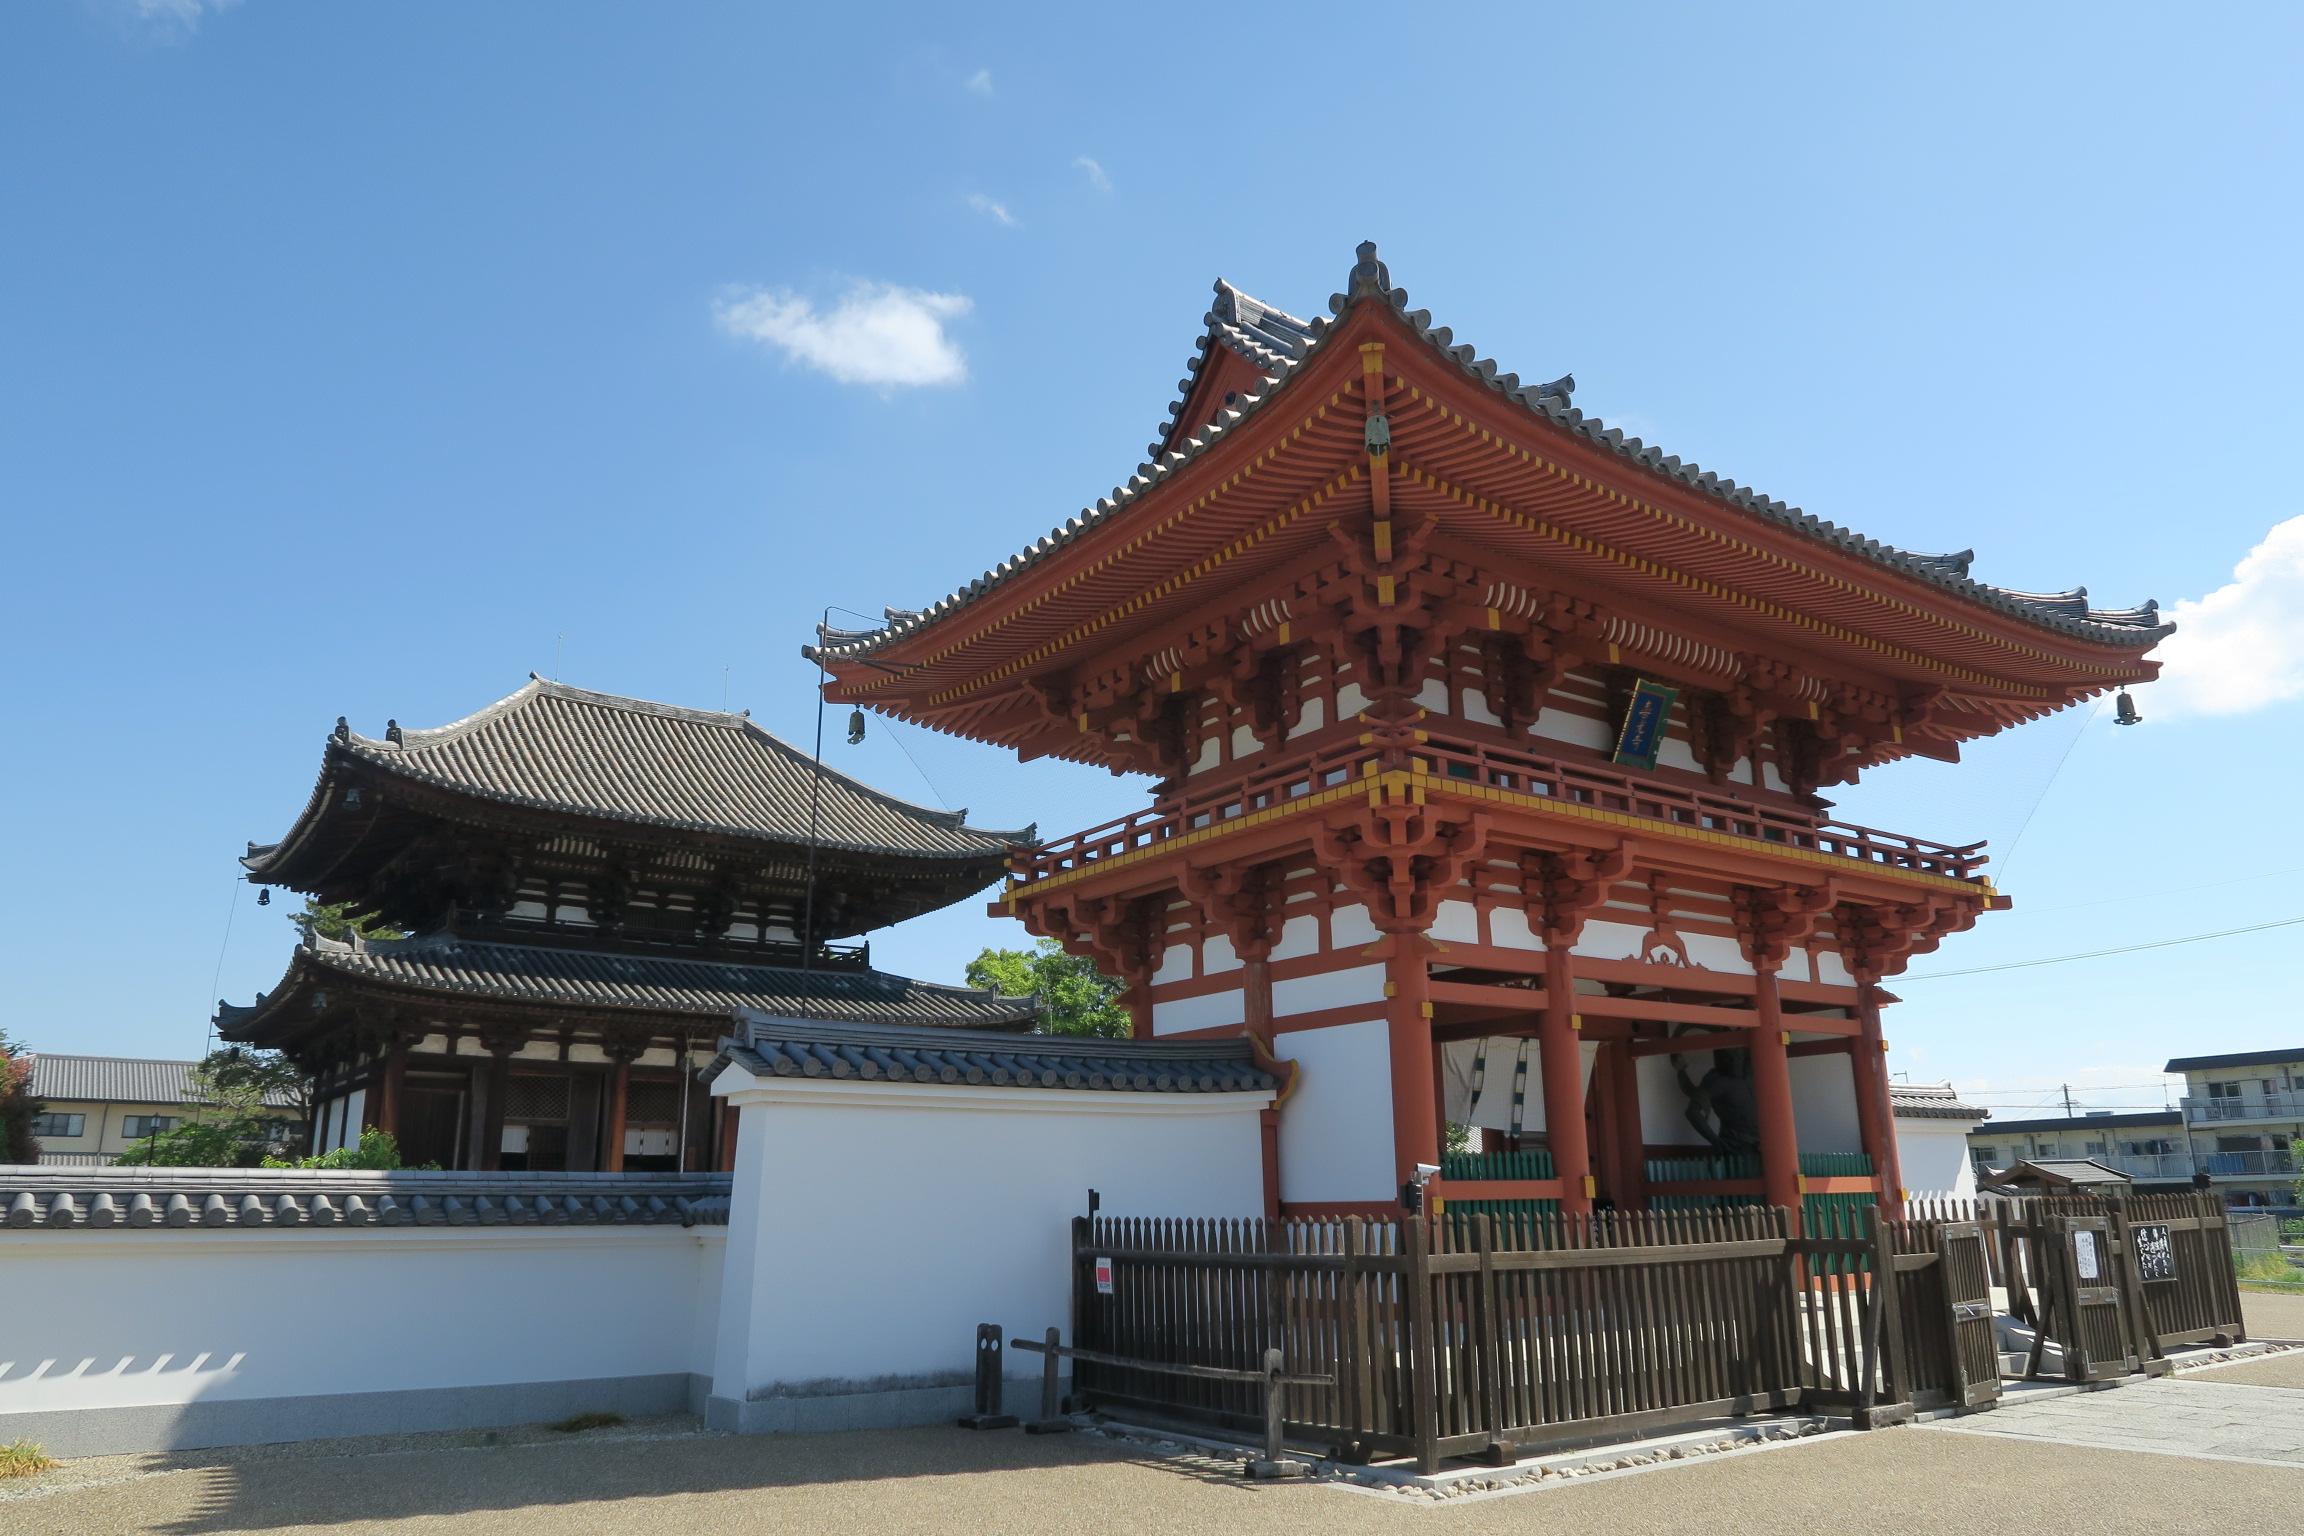 奈良市菅原町にある喜光寺。721年に私度僧だった行基が創建したと伝わります。